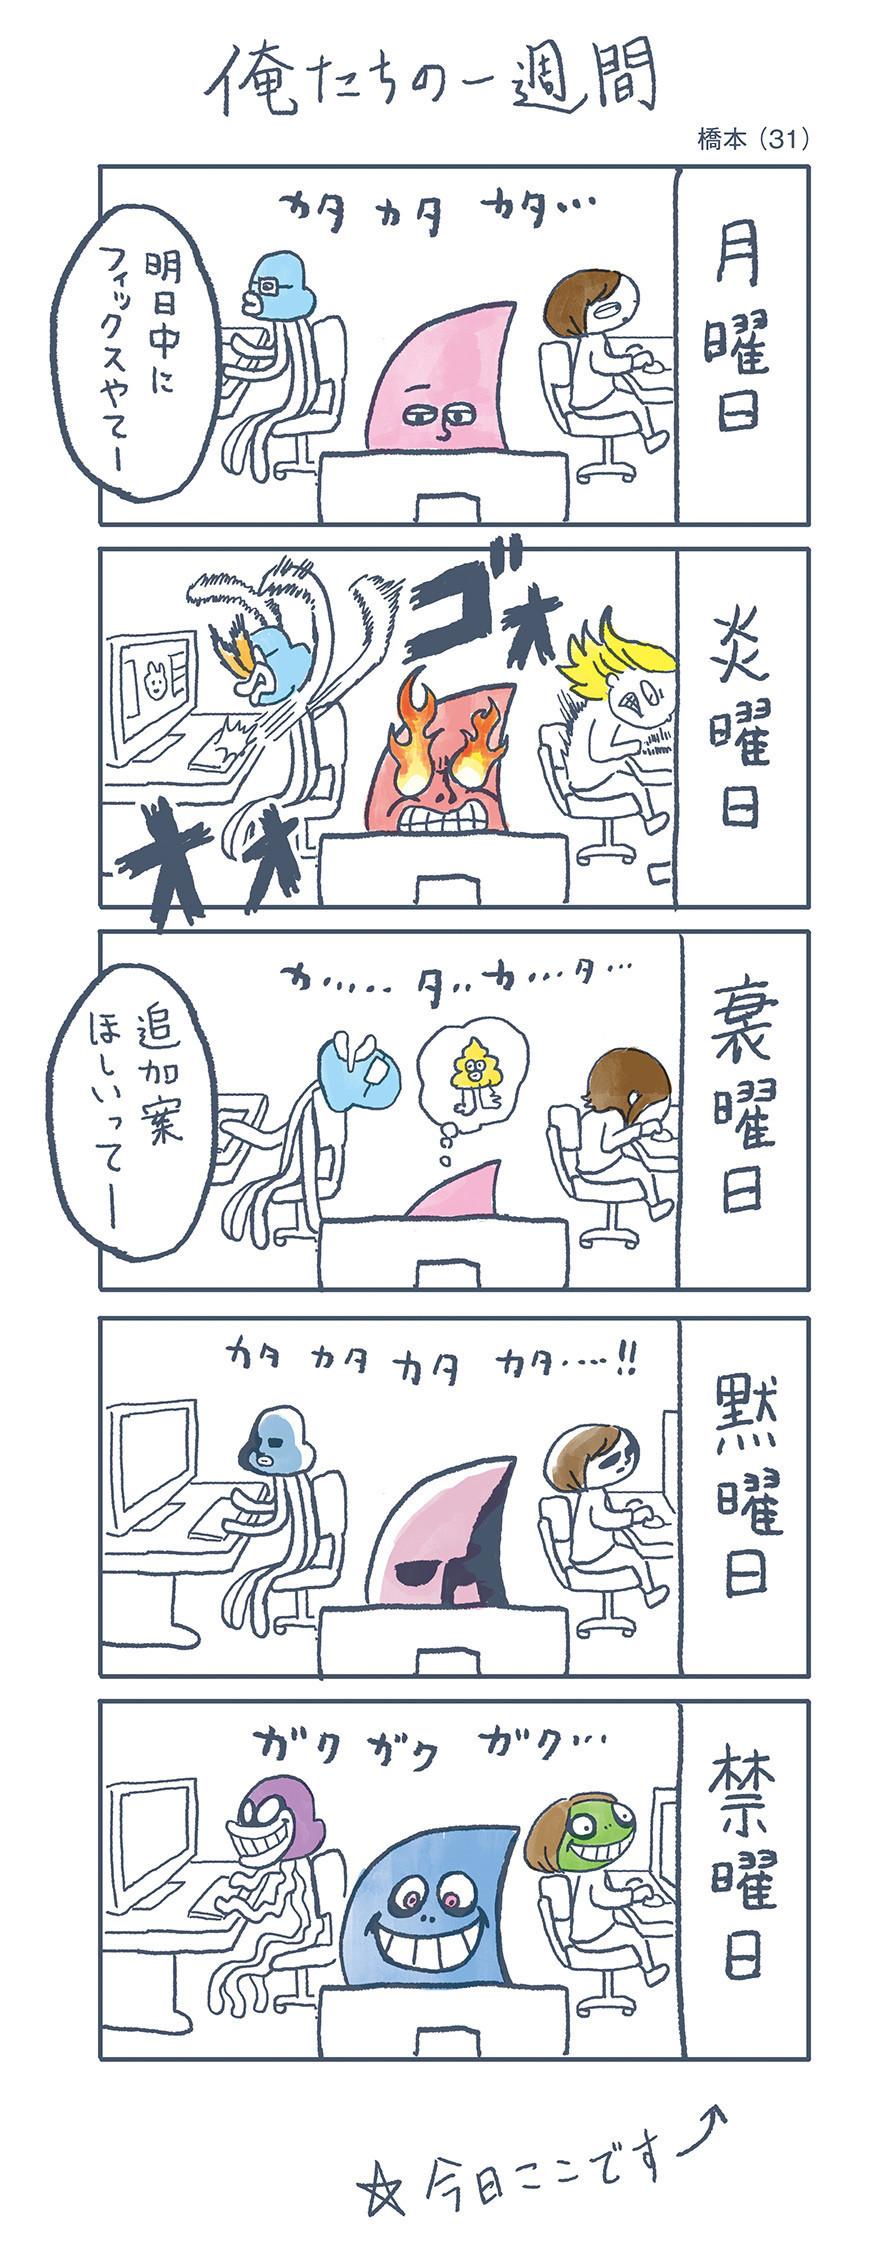 #まんが #漫画 #4コマ漫画 #5コマか #マンガで報道局